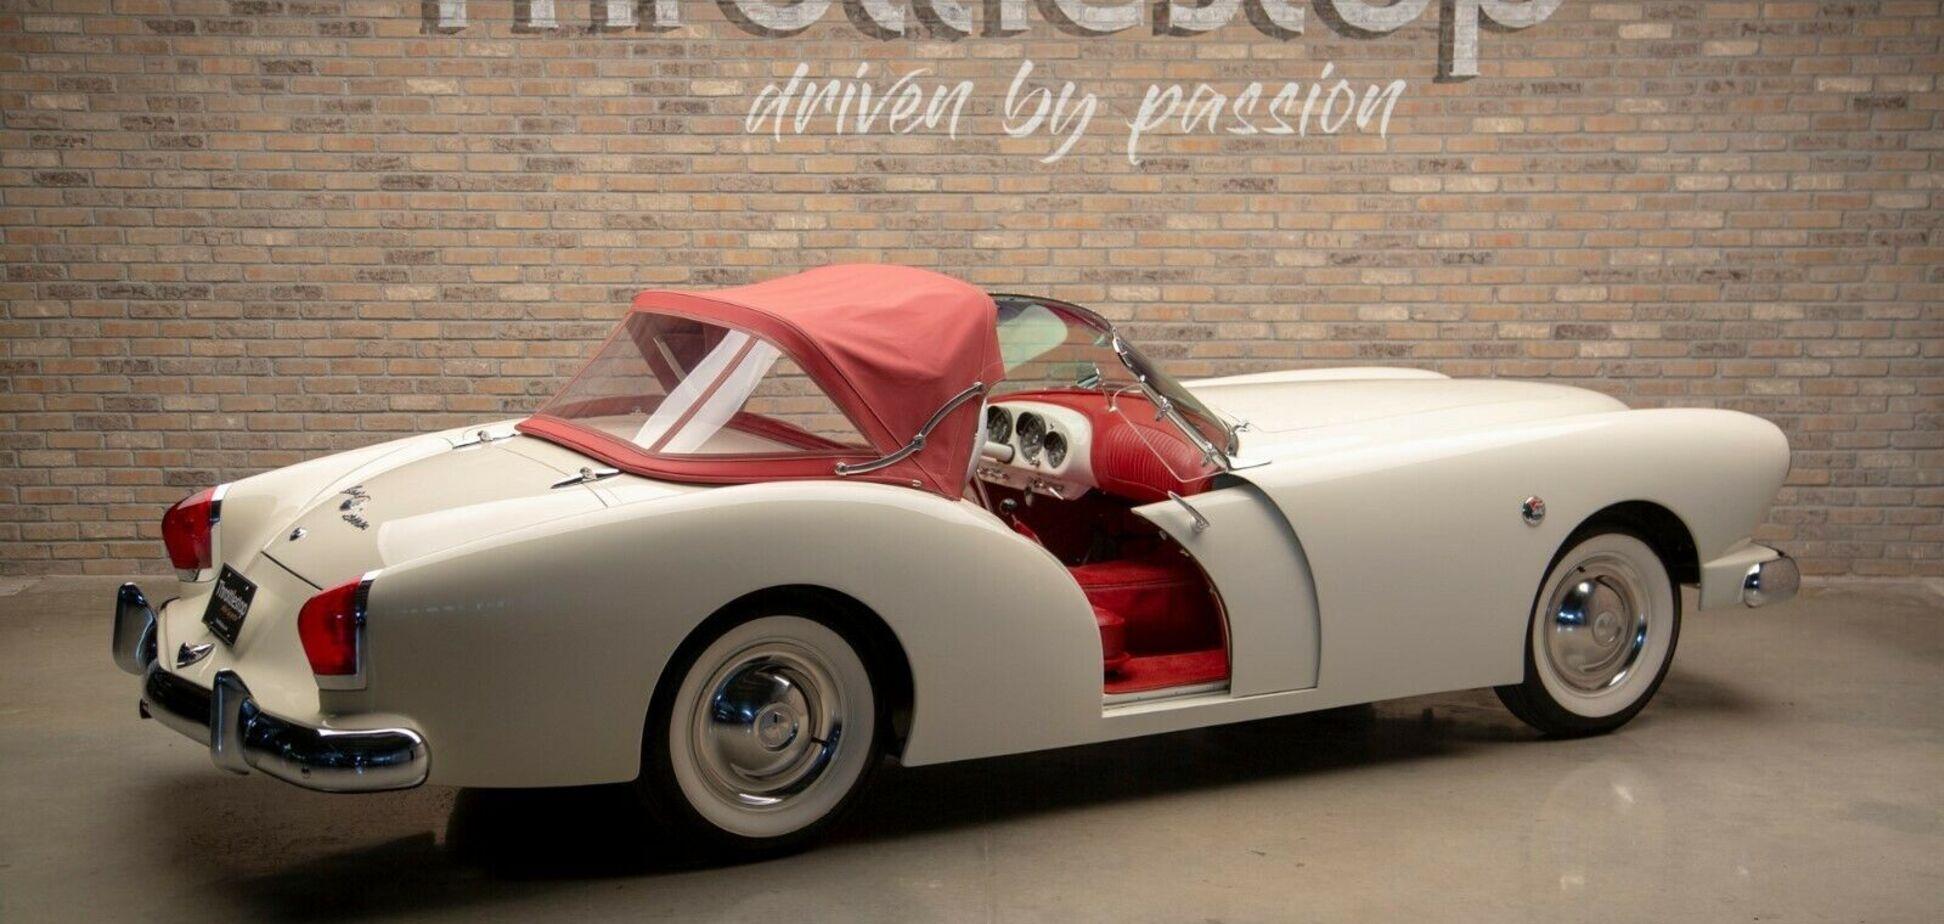 В США продается легендарный Kaiser Darrin 161 образца 1954 года